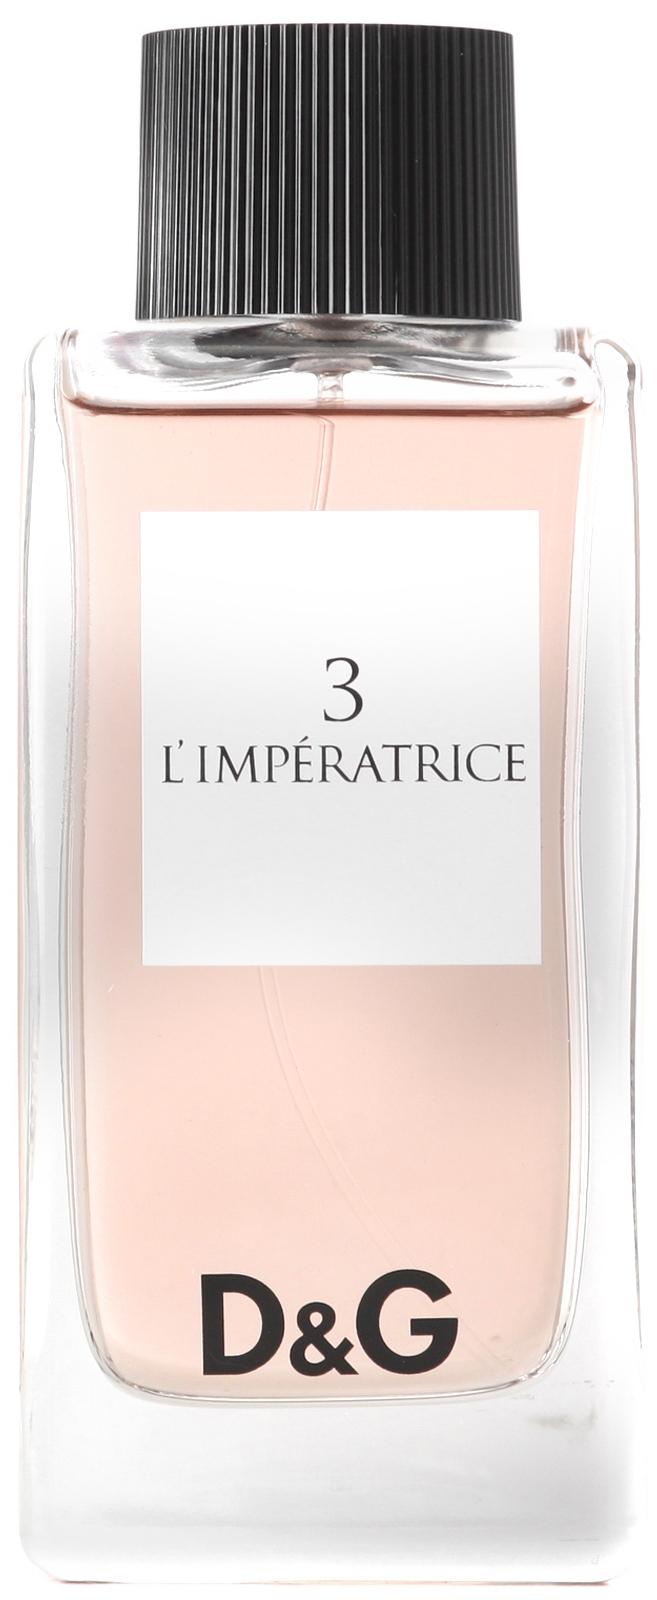 Dolce & Gabbana L' Imperatrice 3 (W) edt 100ml